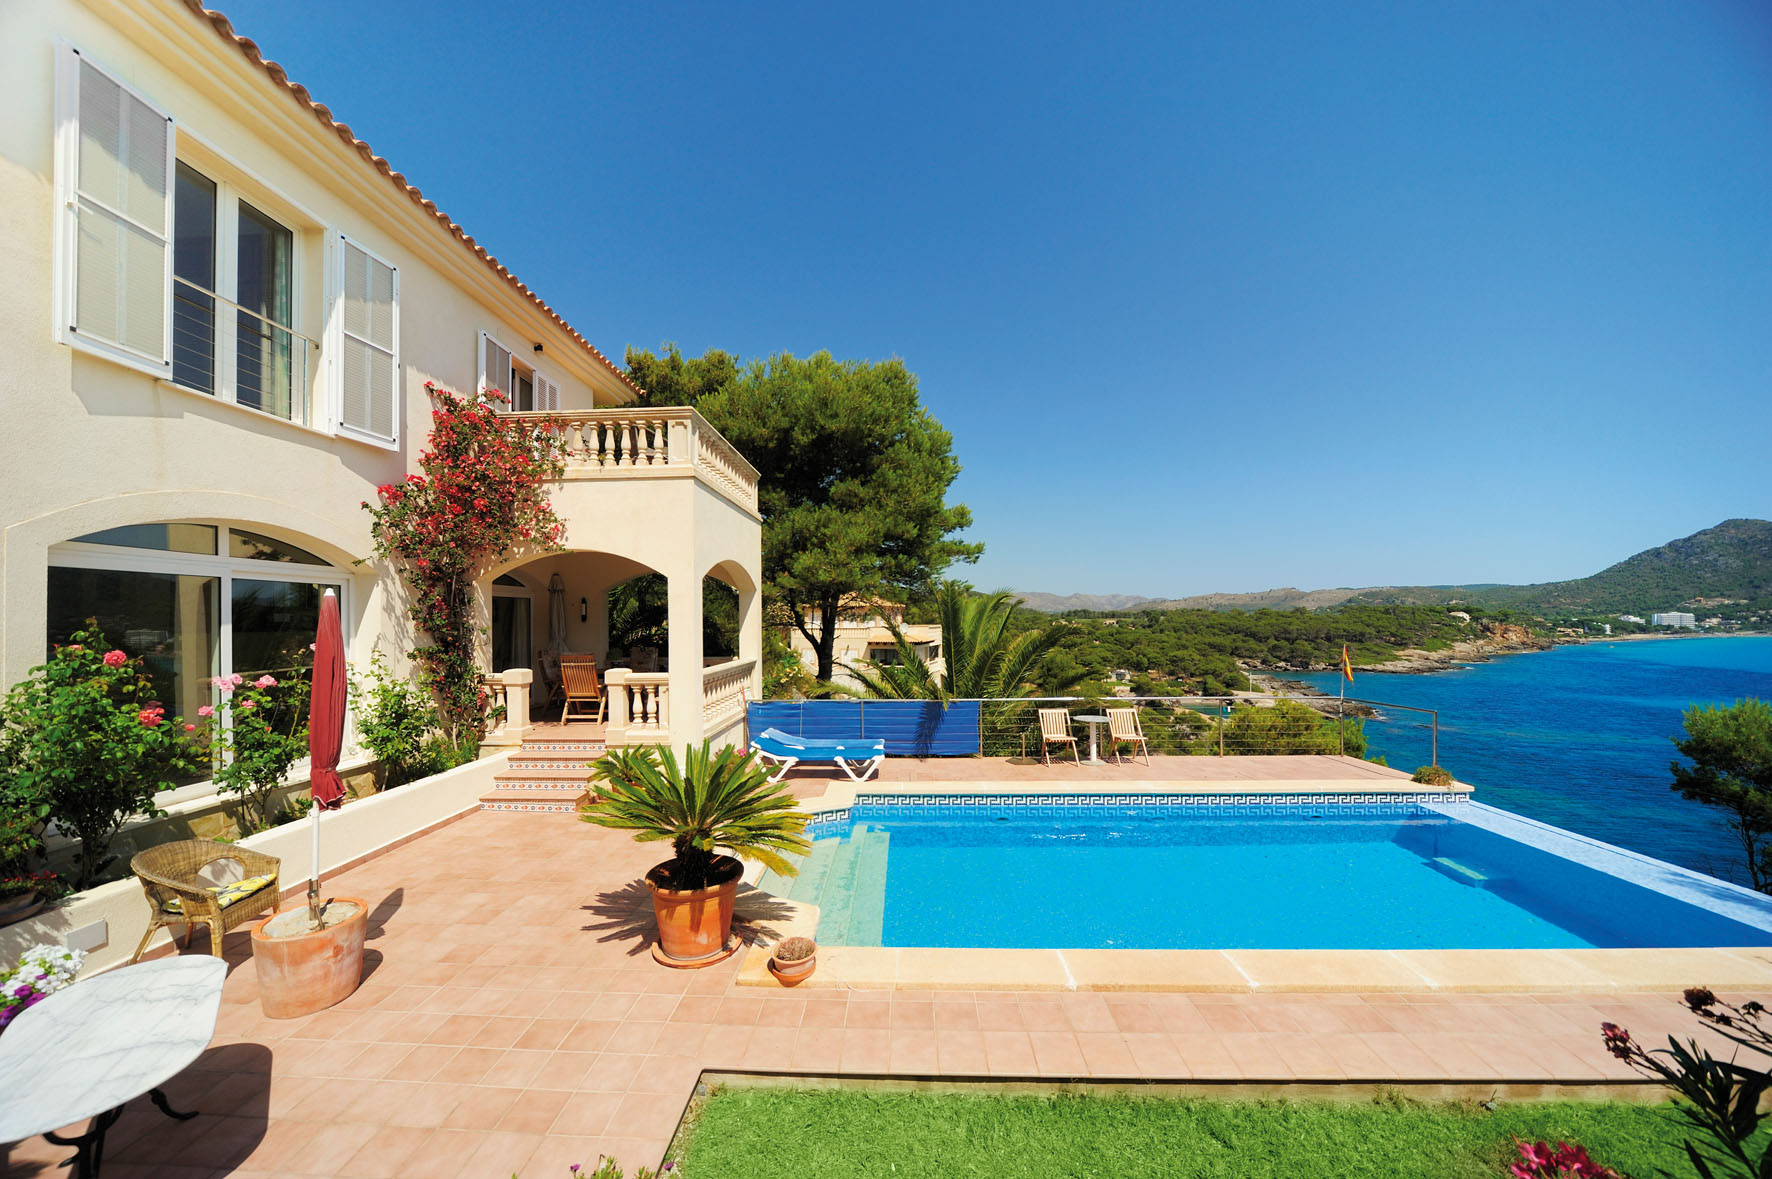 Ferienvermietung Auf Mallorca So Vermieten Sie Legal An Urlauber